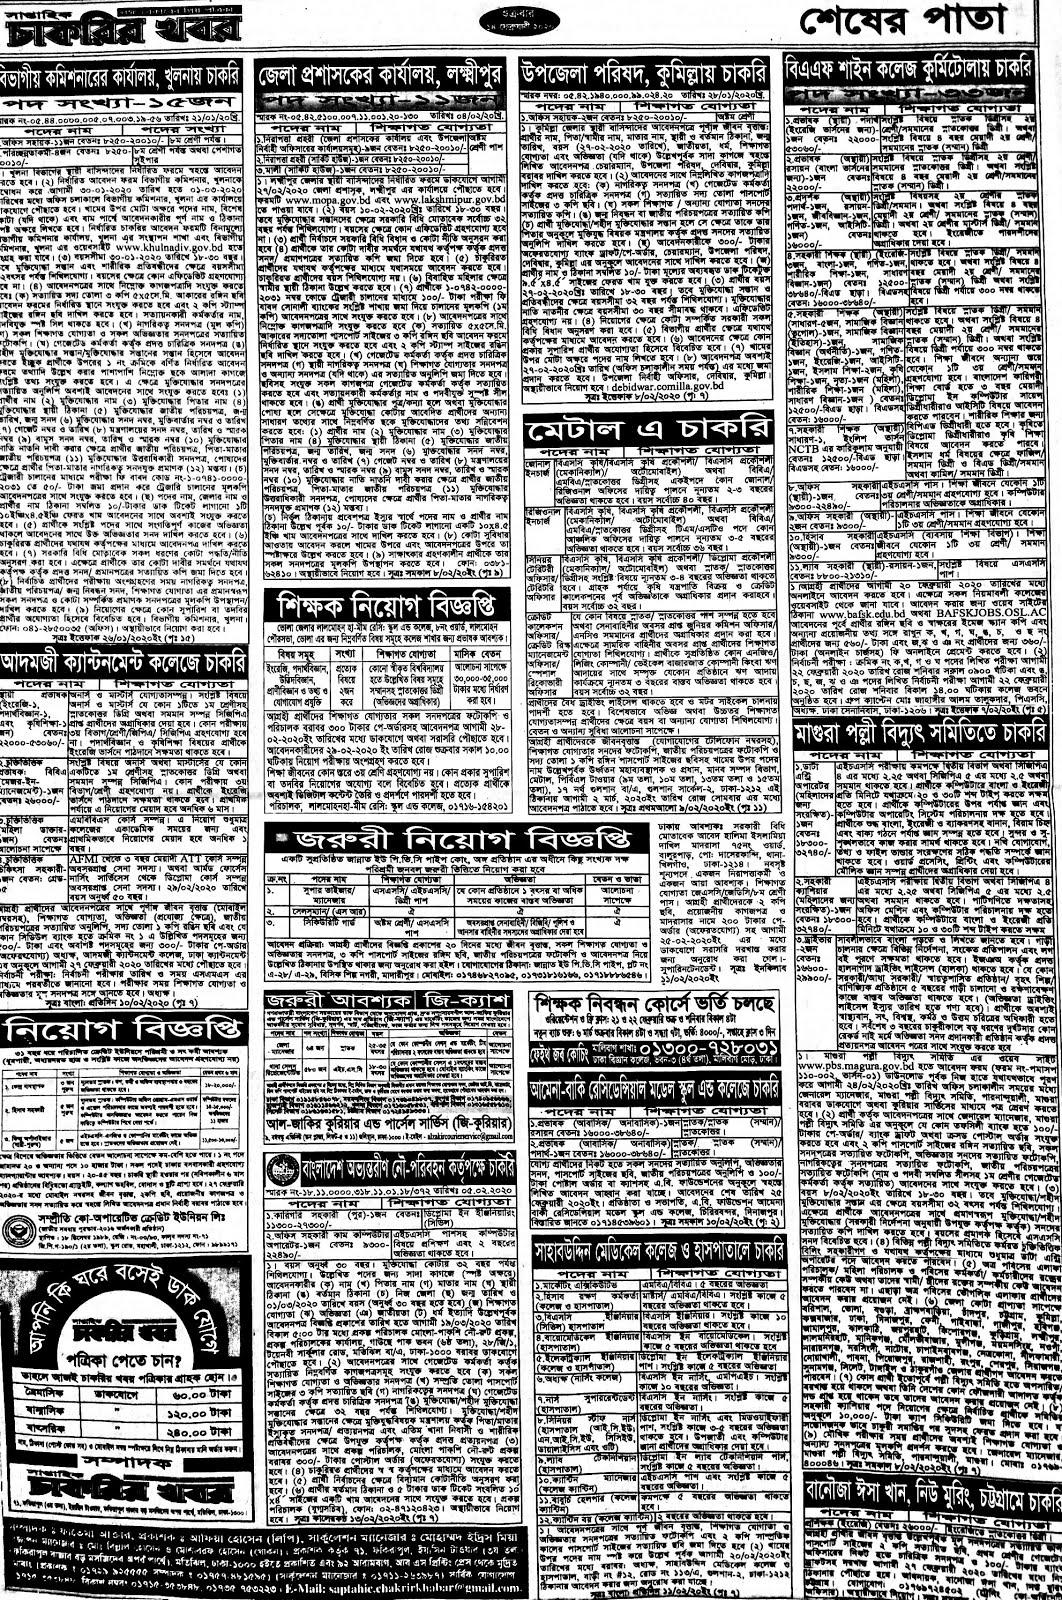 সাপ্তাহিক খবর পত্রিকা 21/02/2020